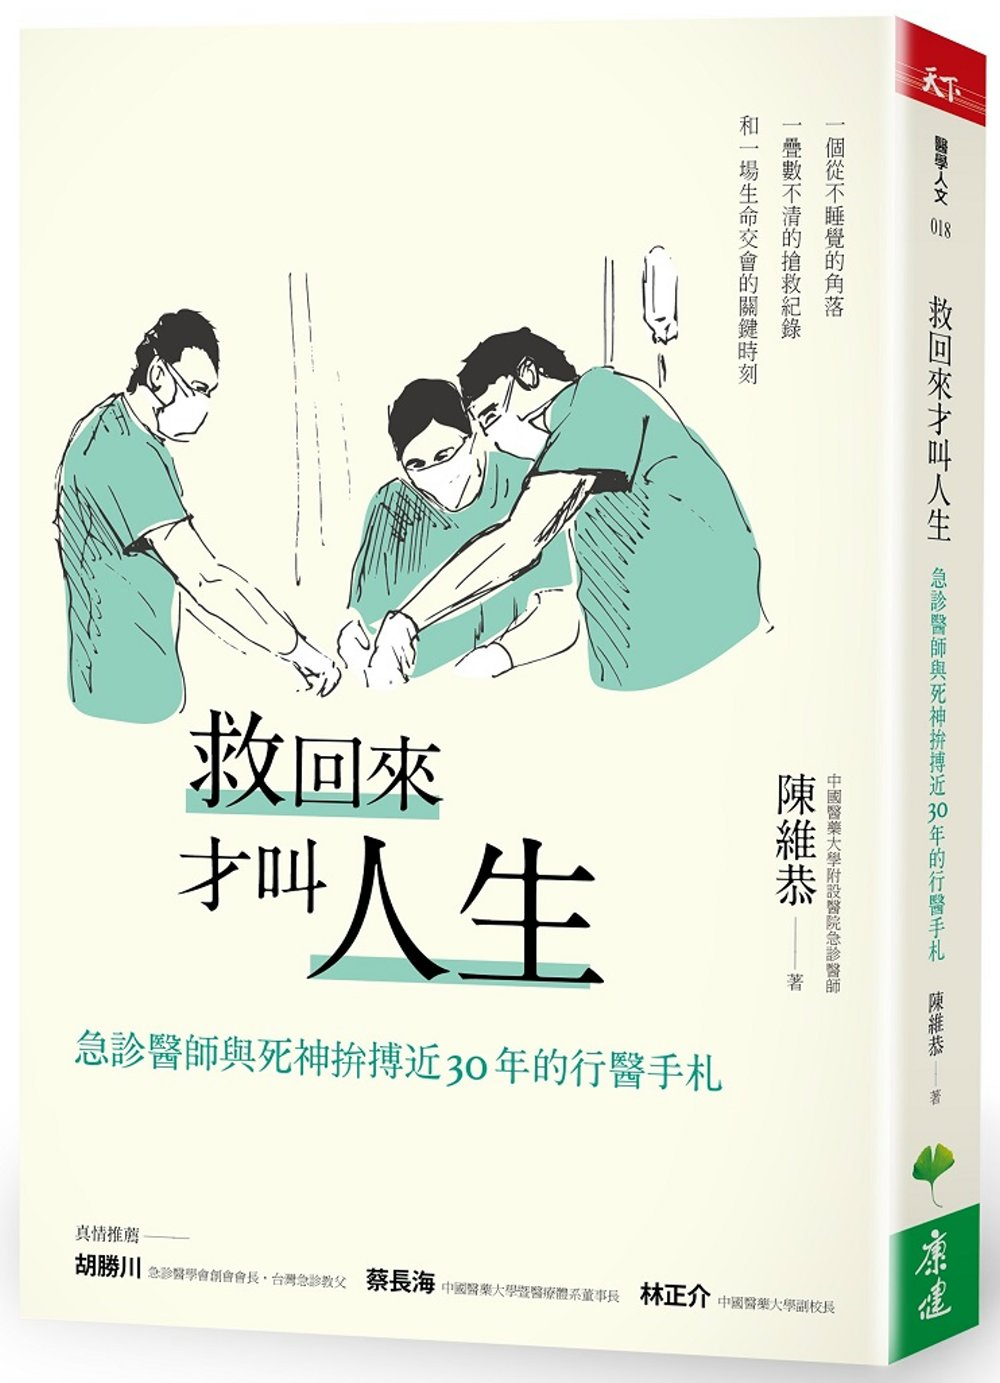 救回來才叫人生 :急診醫師與死神拚搏近30年的行醫手札(另開視窗)